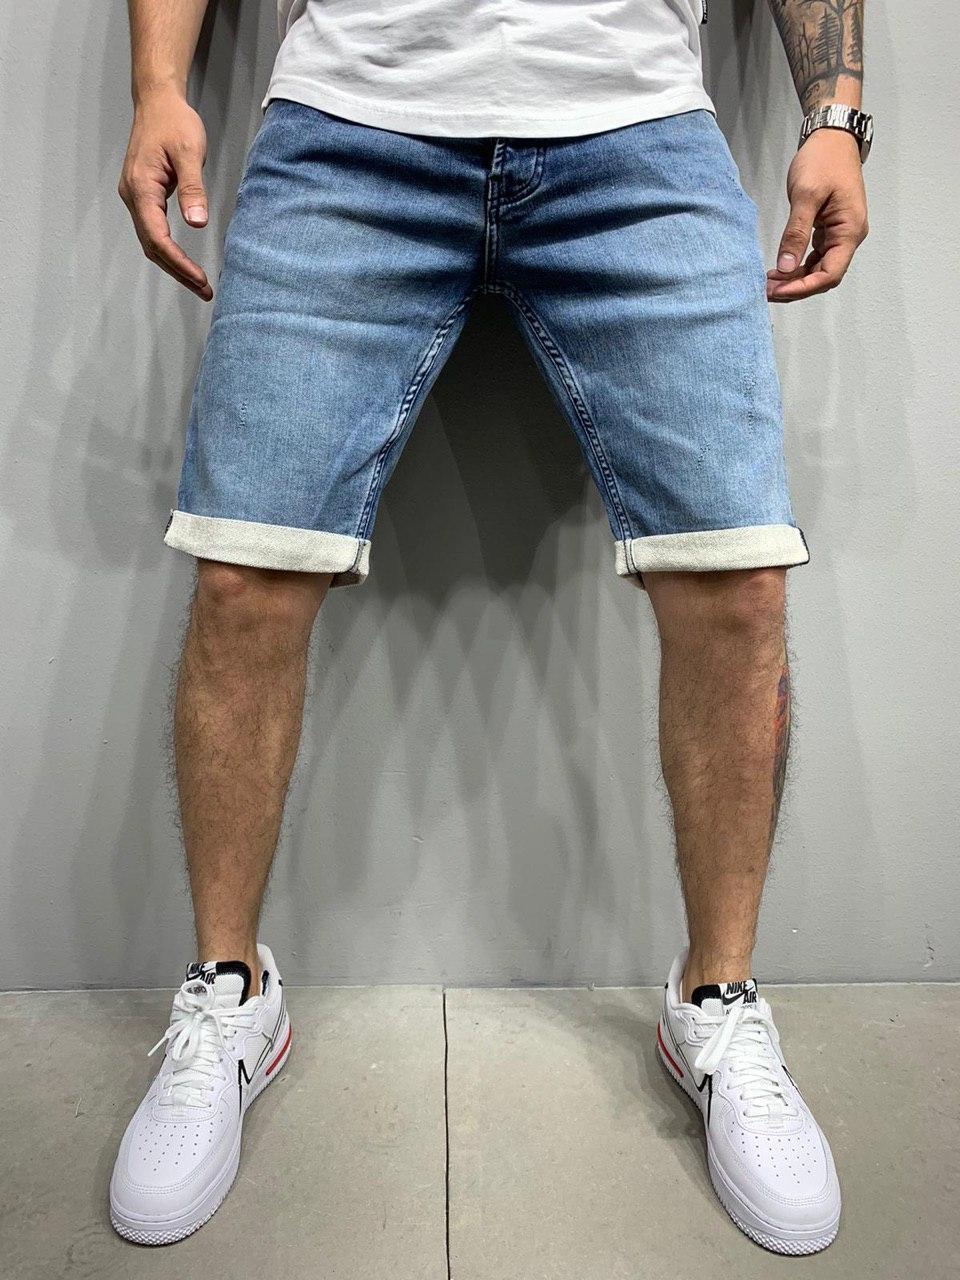 Чоловічі джинсові шорти синього кольору з підворотом